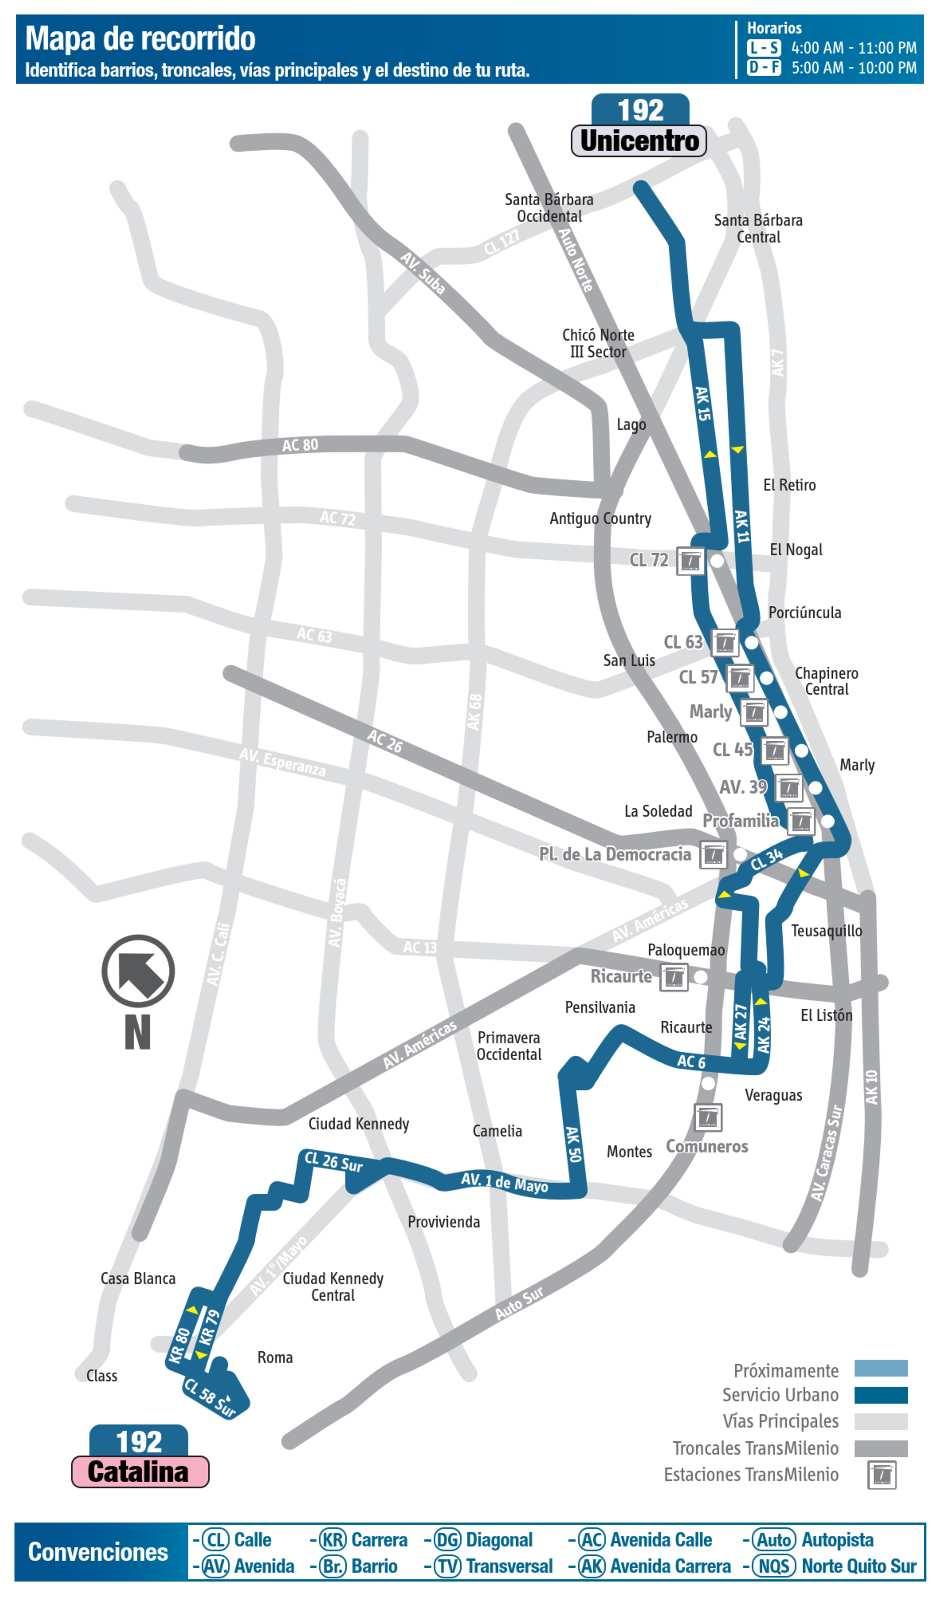 Ruta SITP: 192 Catalina - Unicentro (mapa)